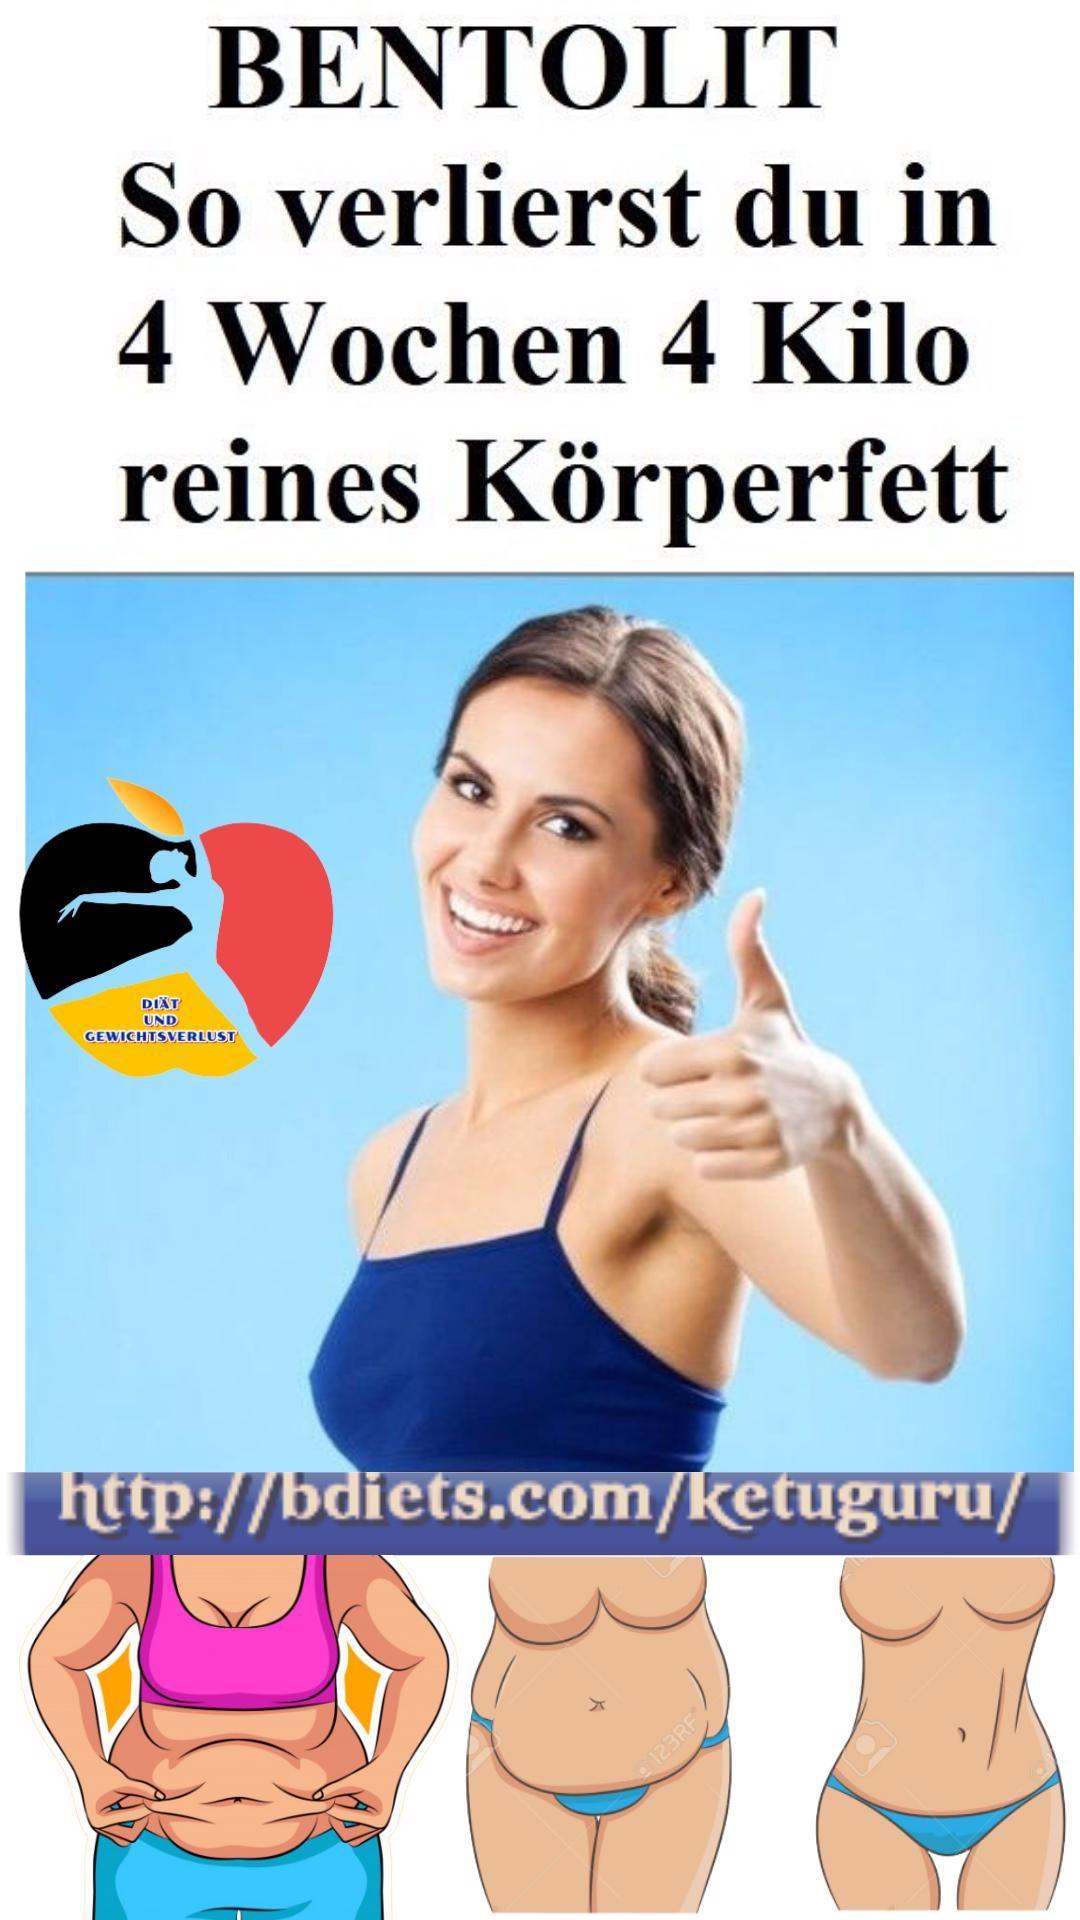 Es ist bekannt, dass häufig ein hormonelles Ungleichgewicht Ursache für die Gewichtszunahme ist. Doc...